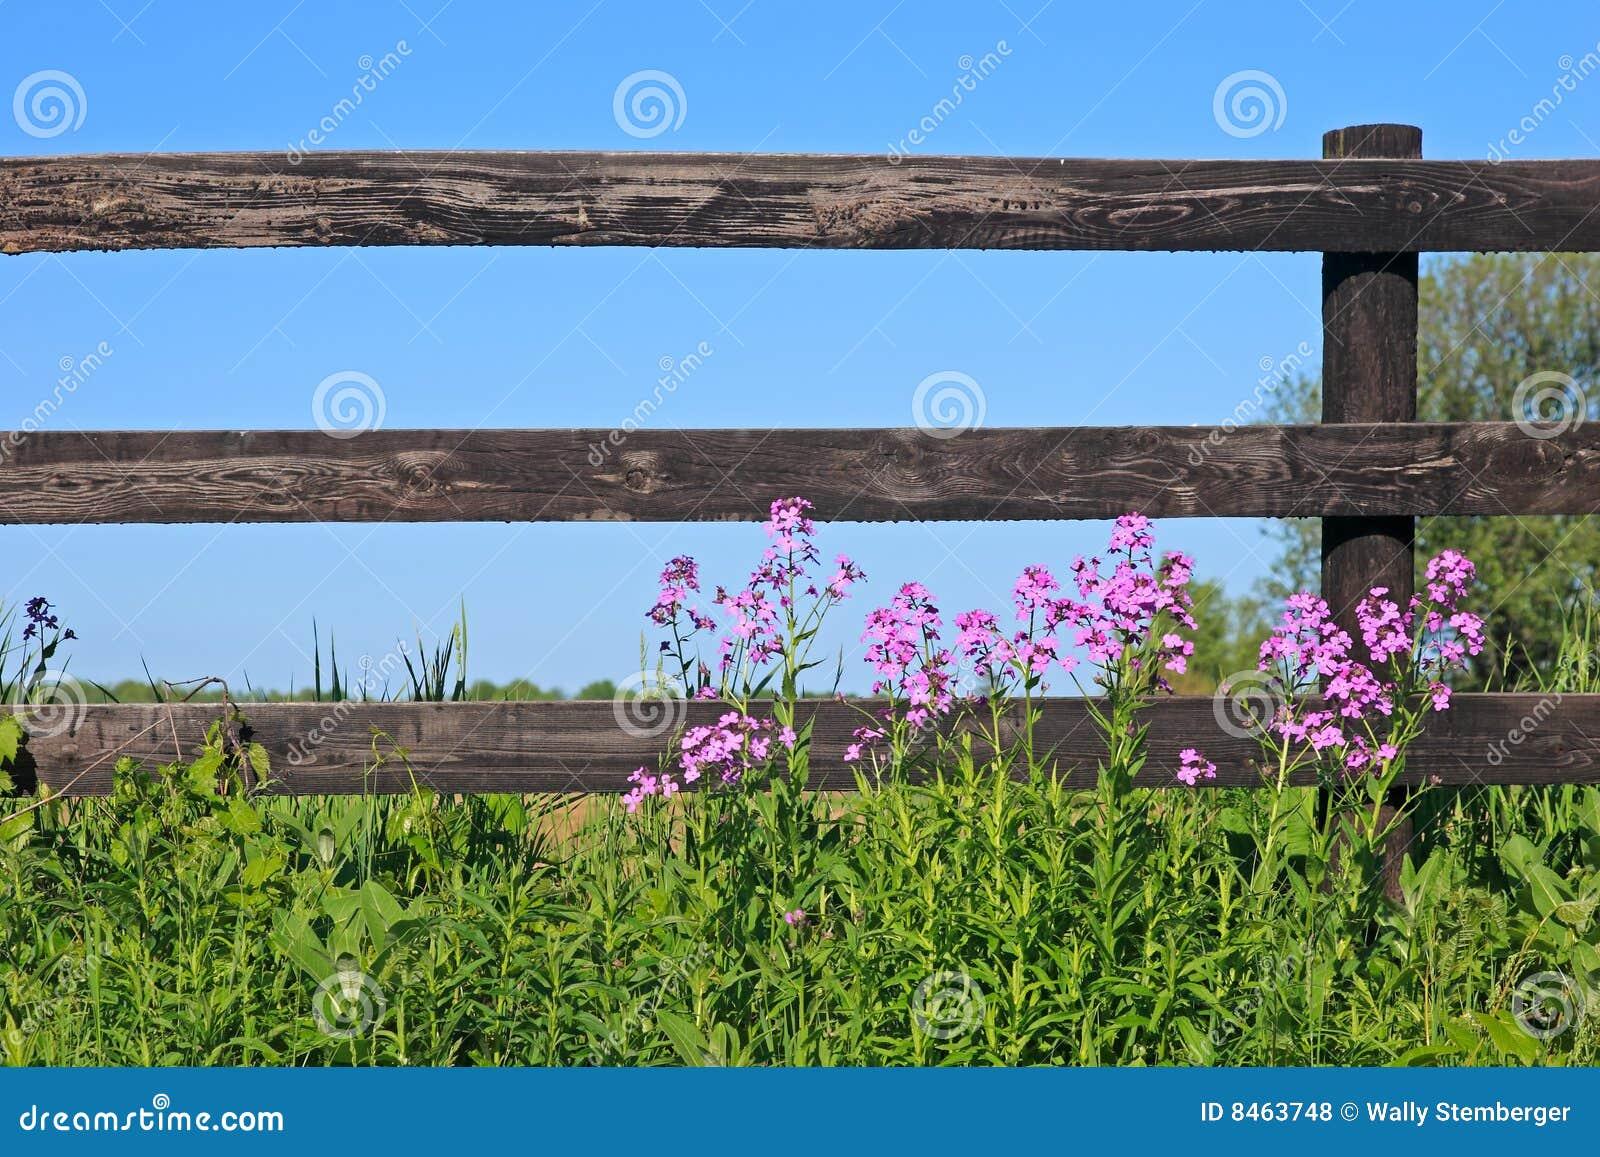 Zaun und wilde Blumen